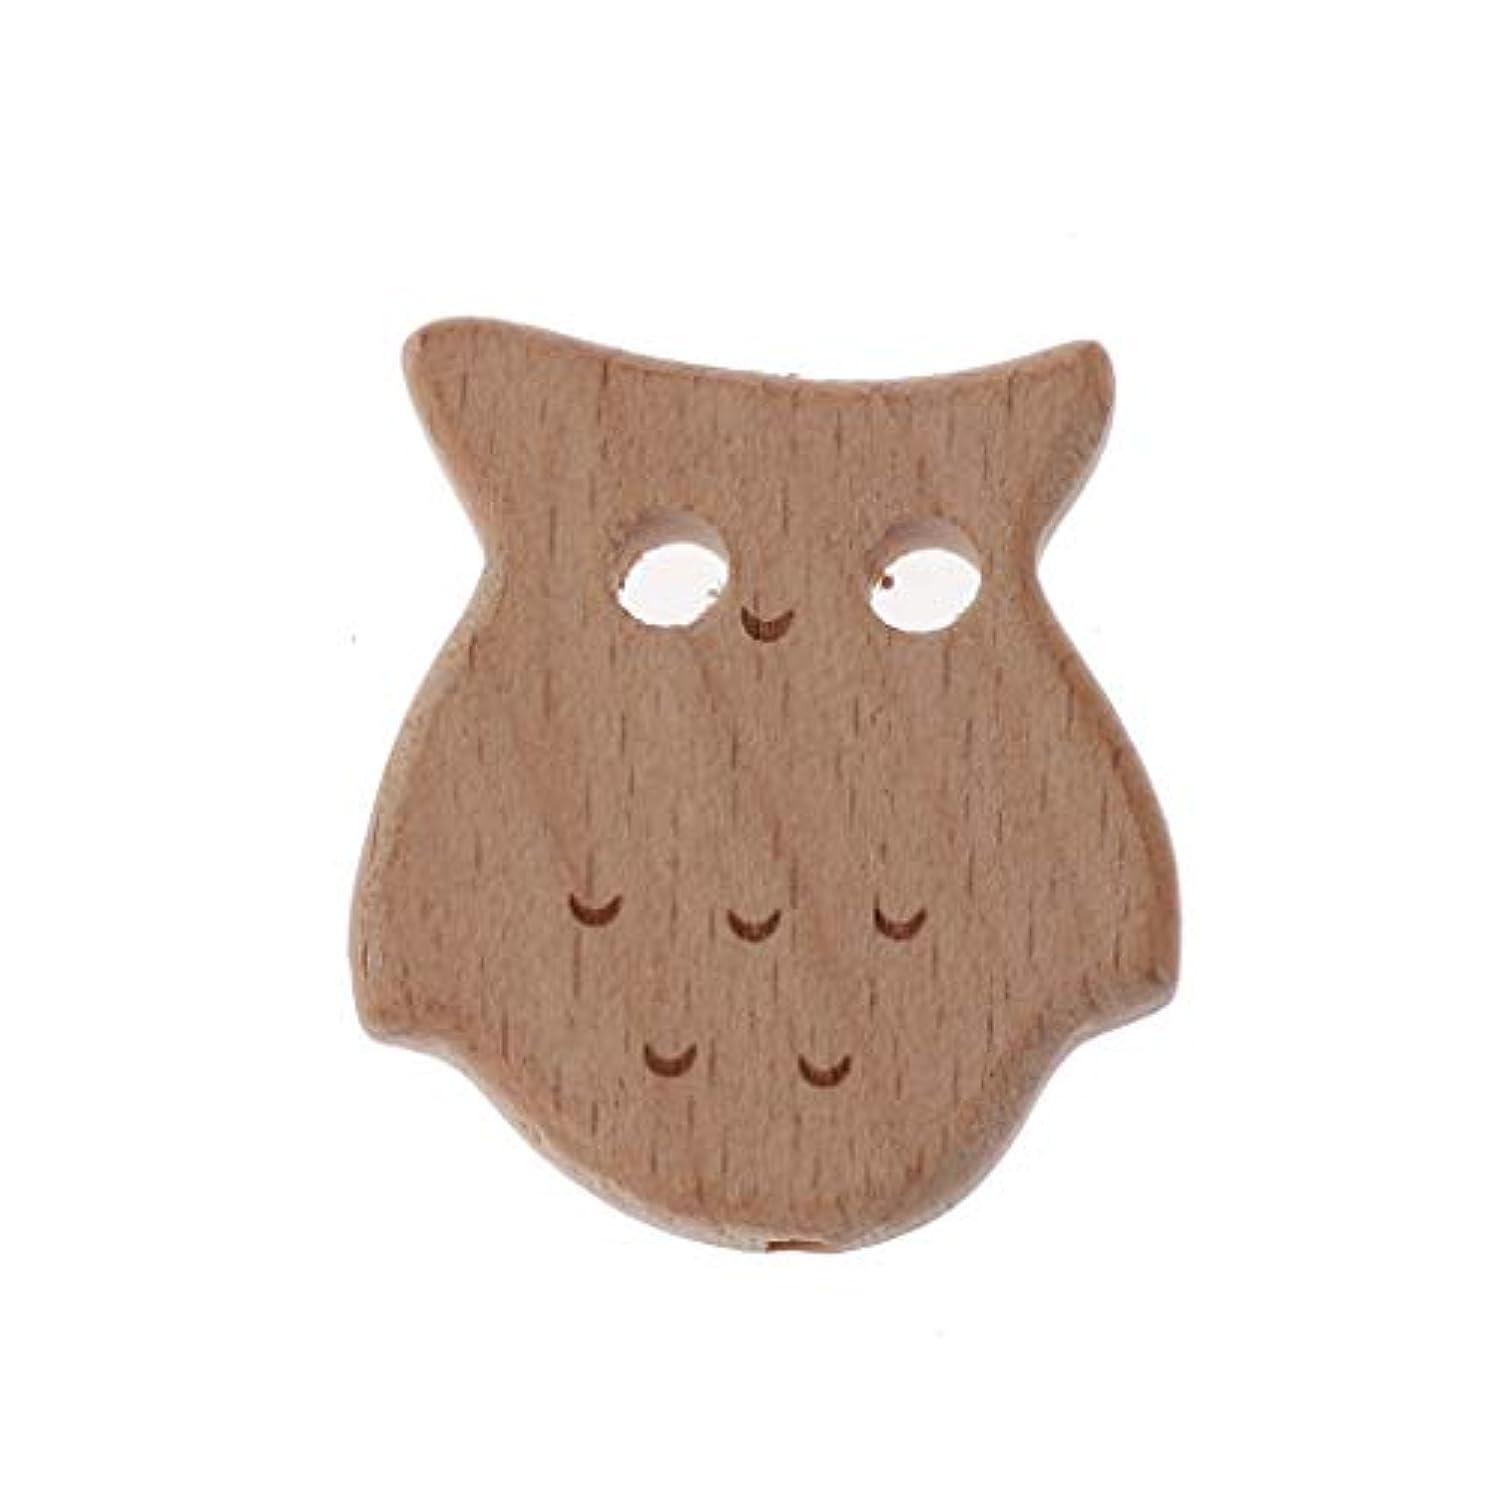 ゆりかごようこそマージLandwoodウッド歯が生えるビーズニレ動物ビーズ赤ちゃんのおもちゃDIYおしゃぶりチェーンアクセサリー - フクロウ